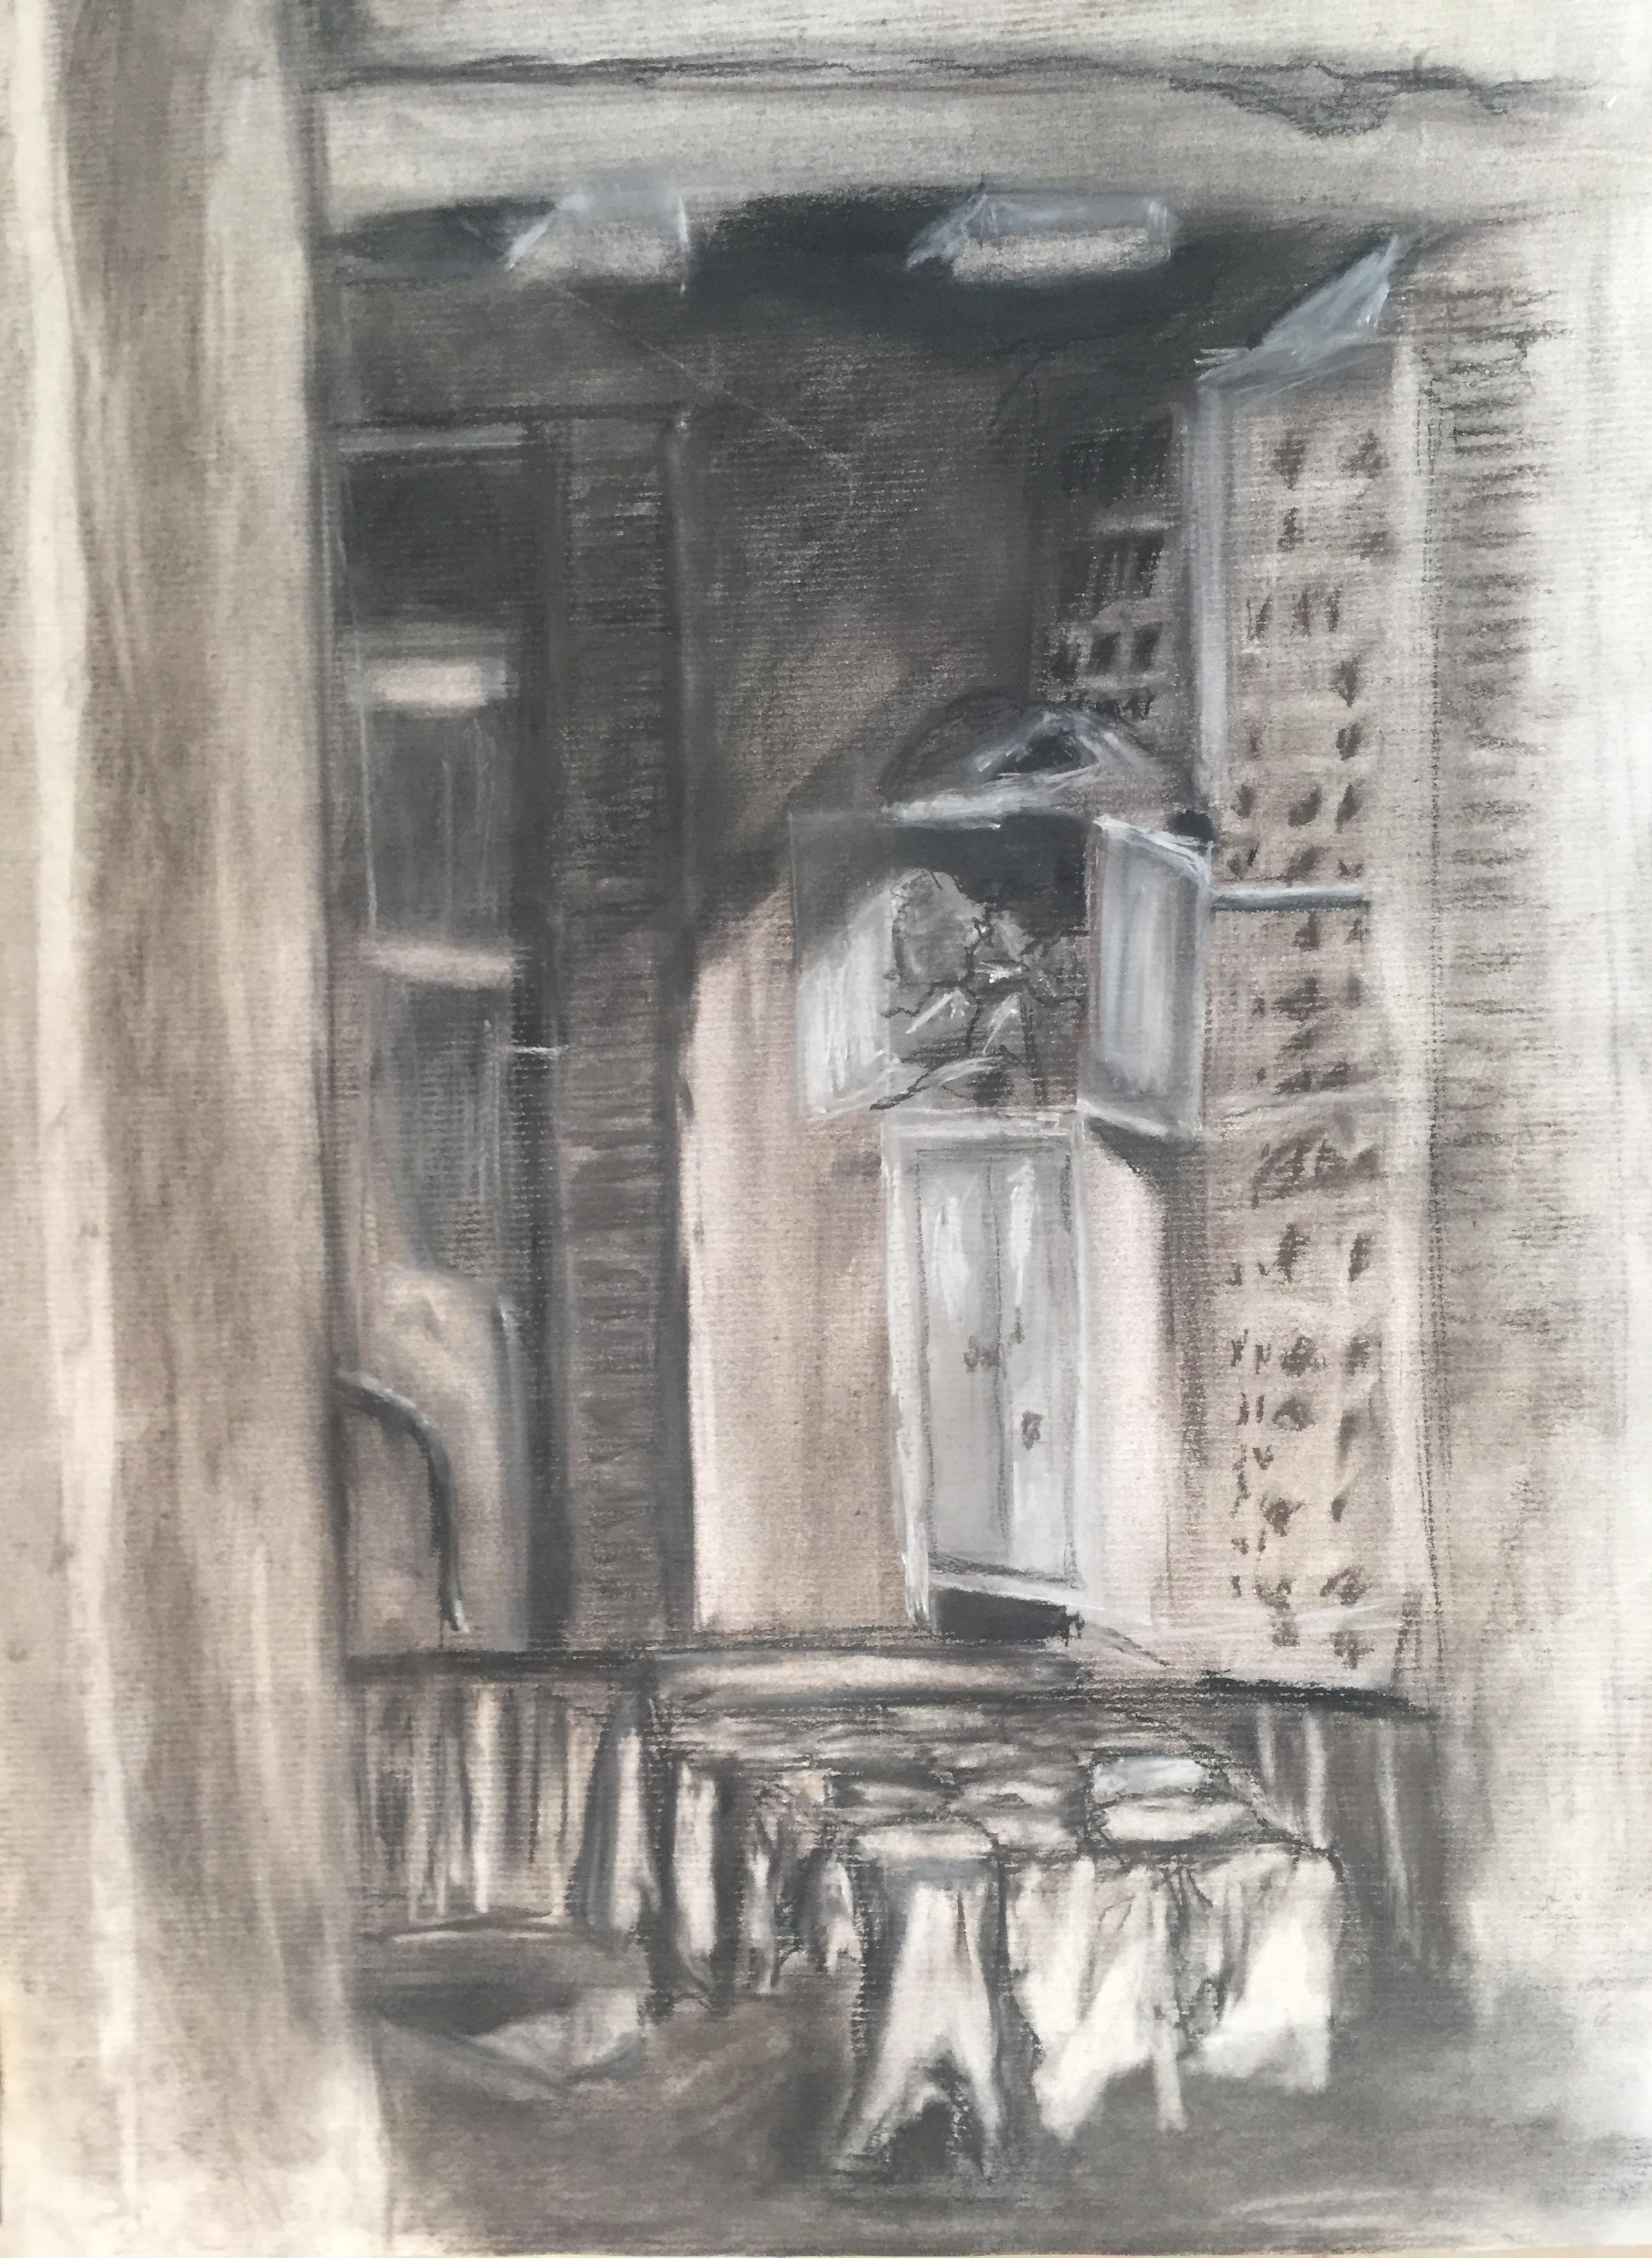 Cairo Balcony